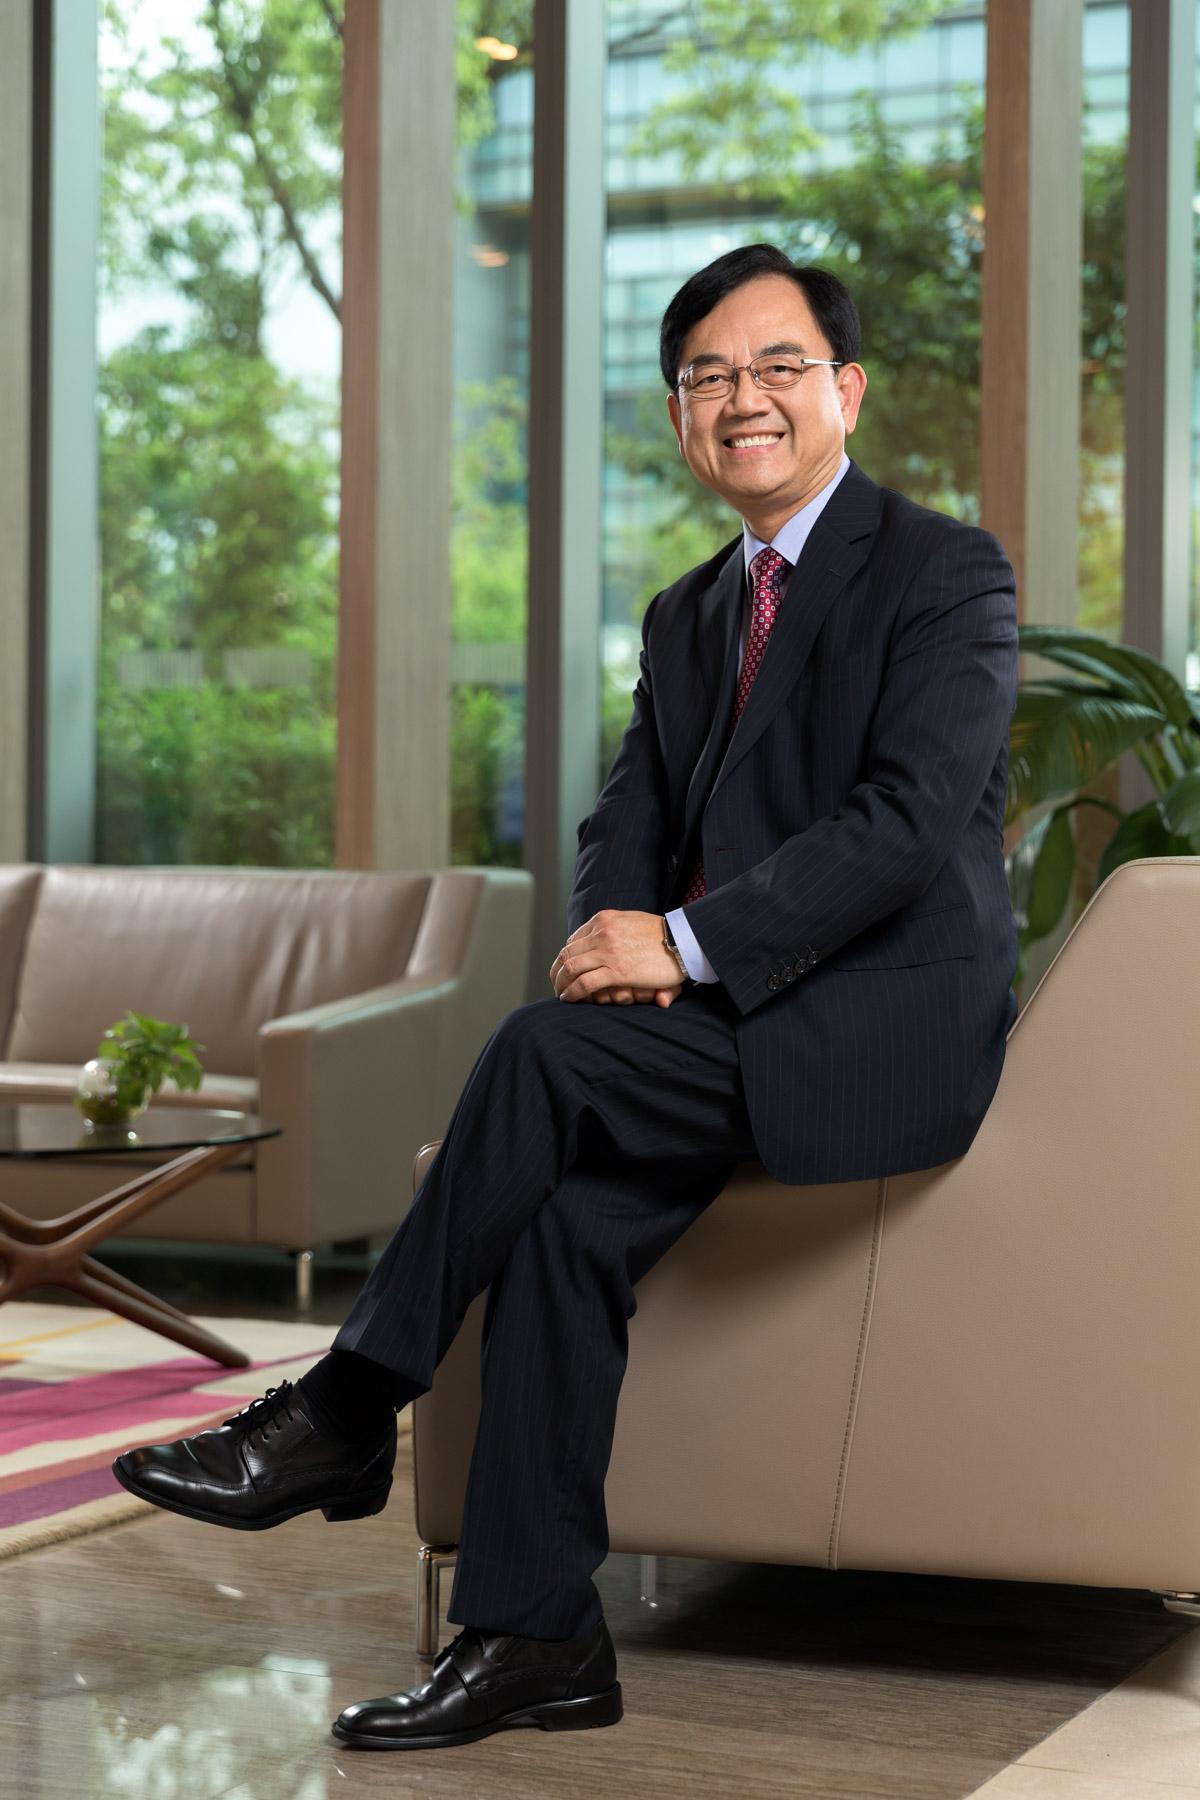 香港科技園公司行政總裁馬錦星